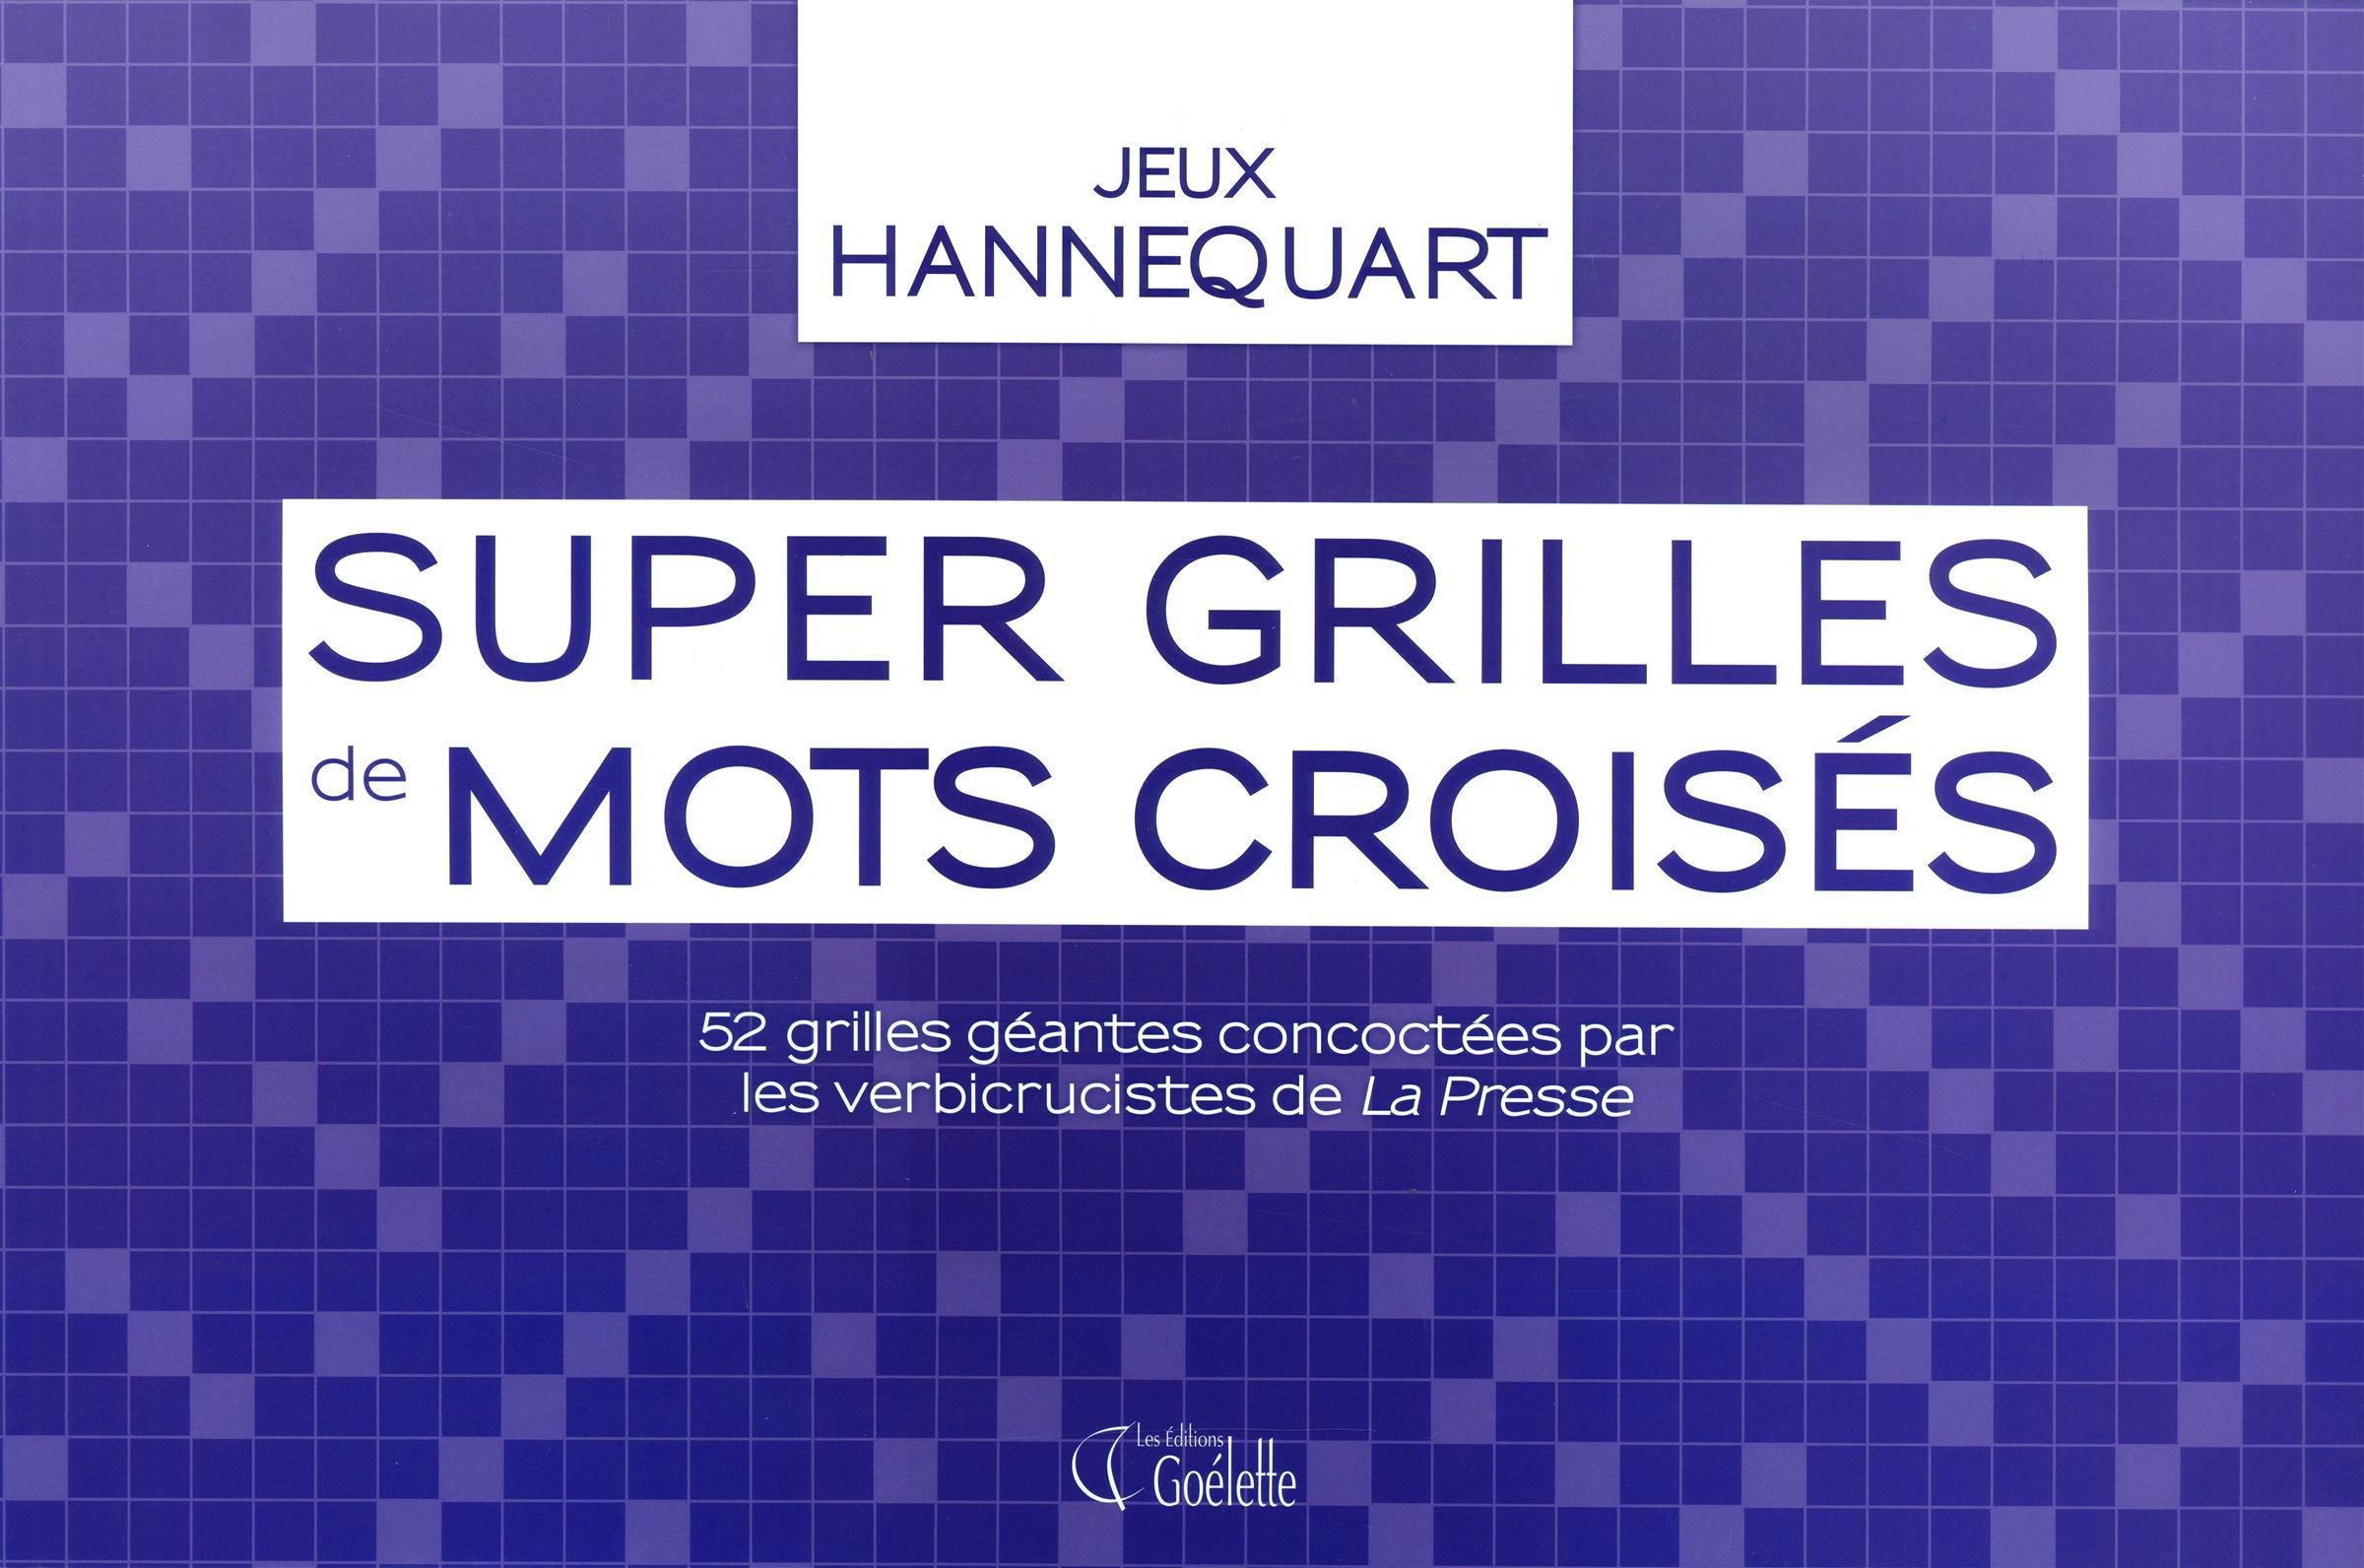 Livre super grilles de mots crois s 52 grilles g antes - Grille mots croises michel laclos gratuites ...